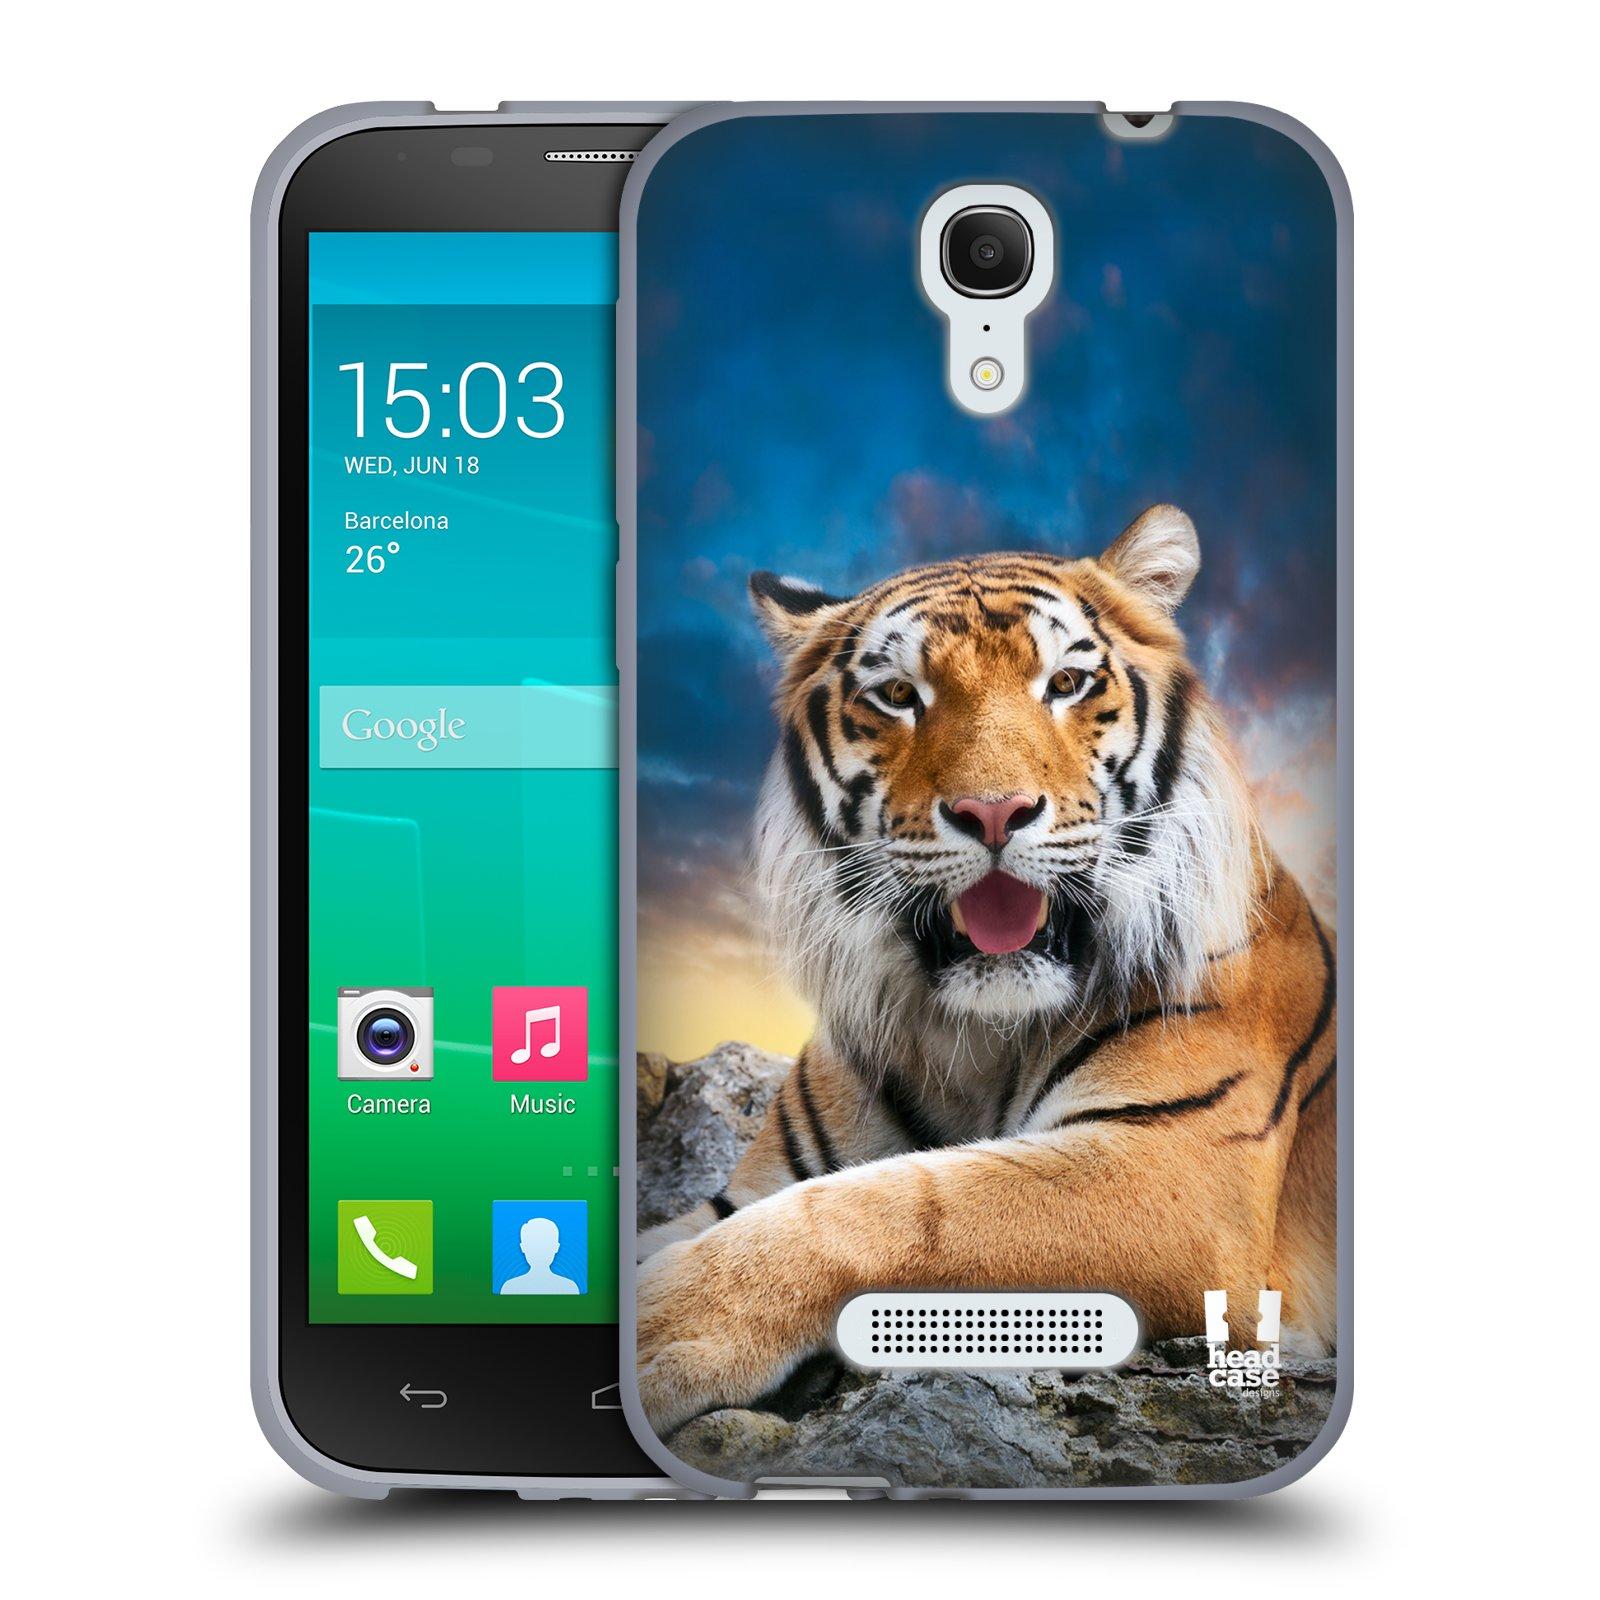 HEAD CASE silikonový obal na mobil Alcatel POP S7 vzor Divočina, Divoký život a zvířata foto TYGR A NEBE